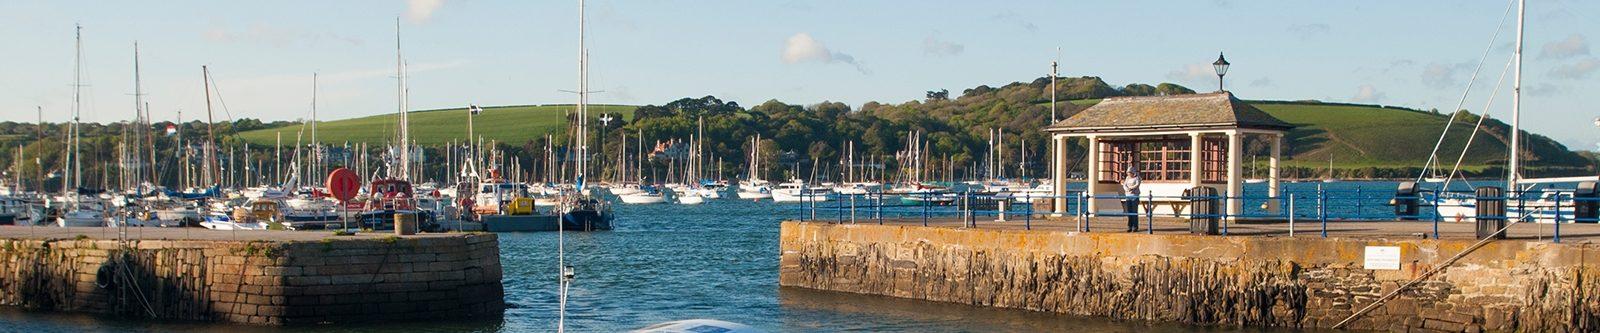 yachts at Falmouth